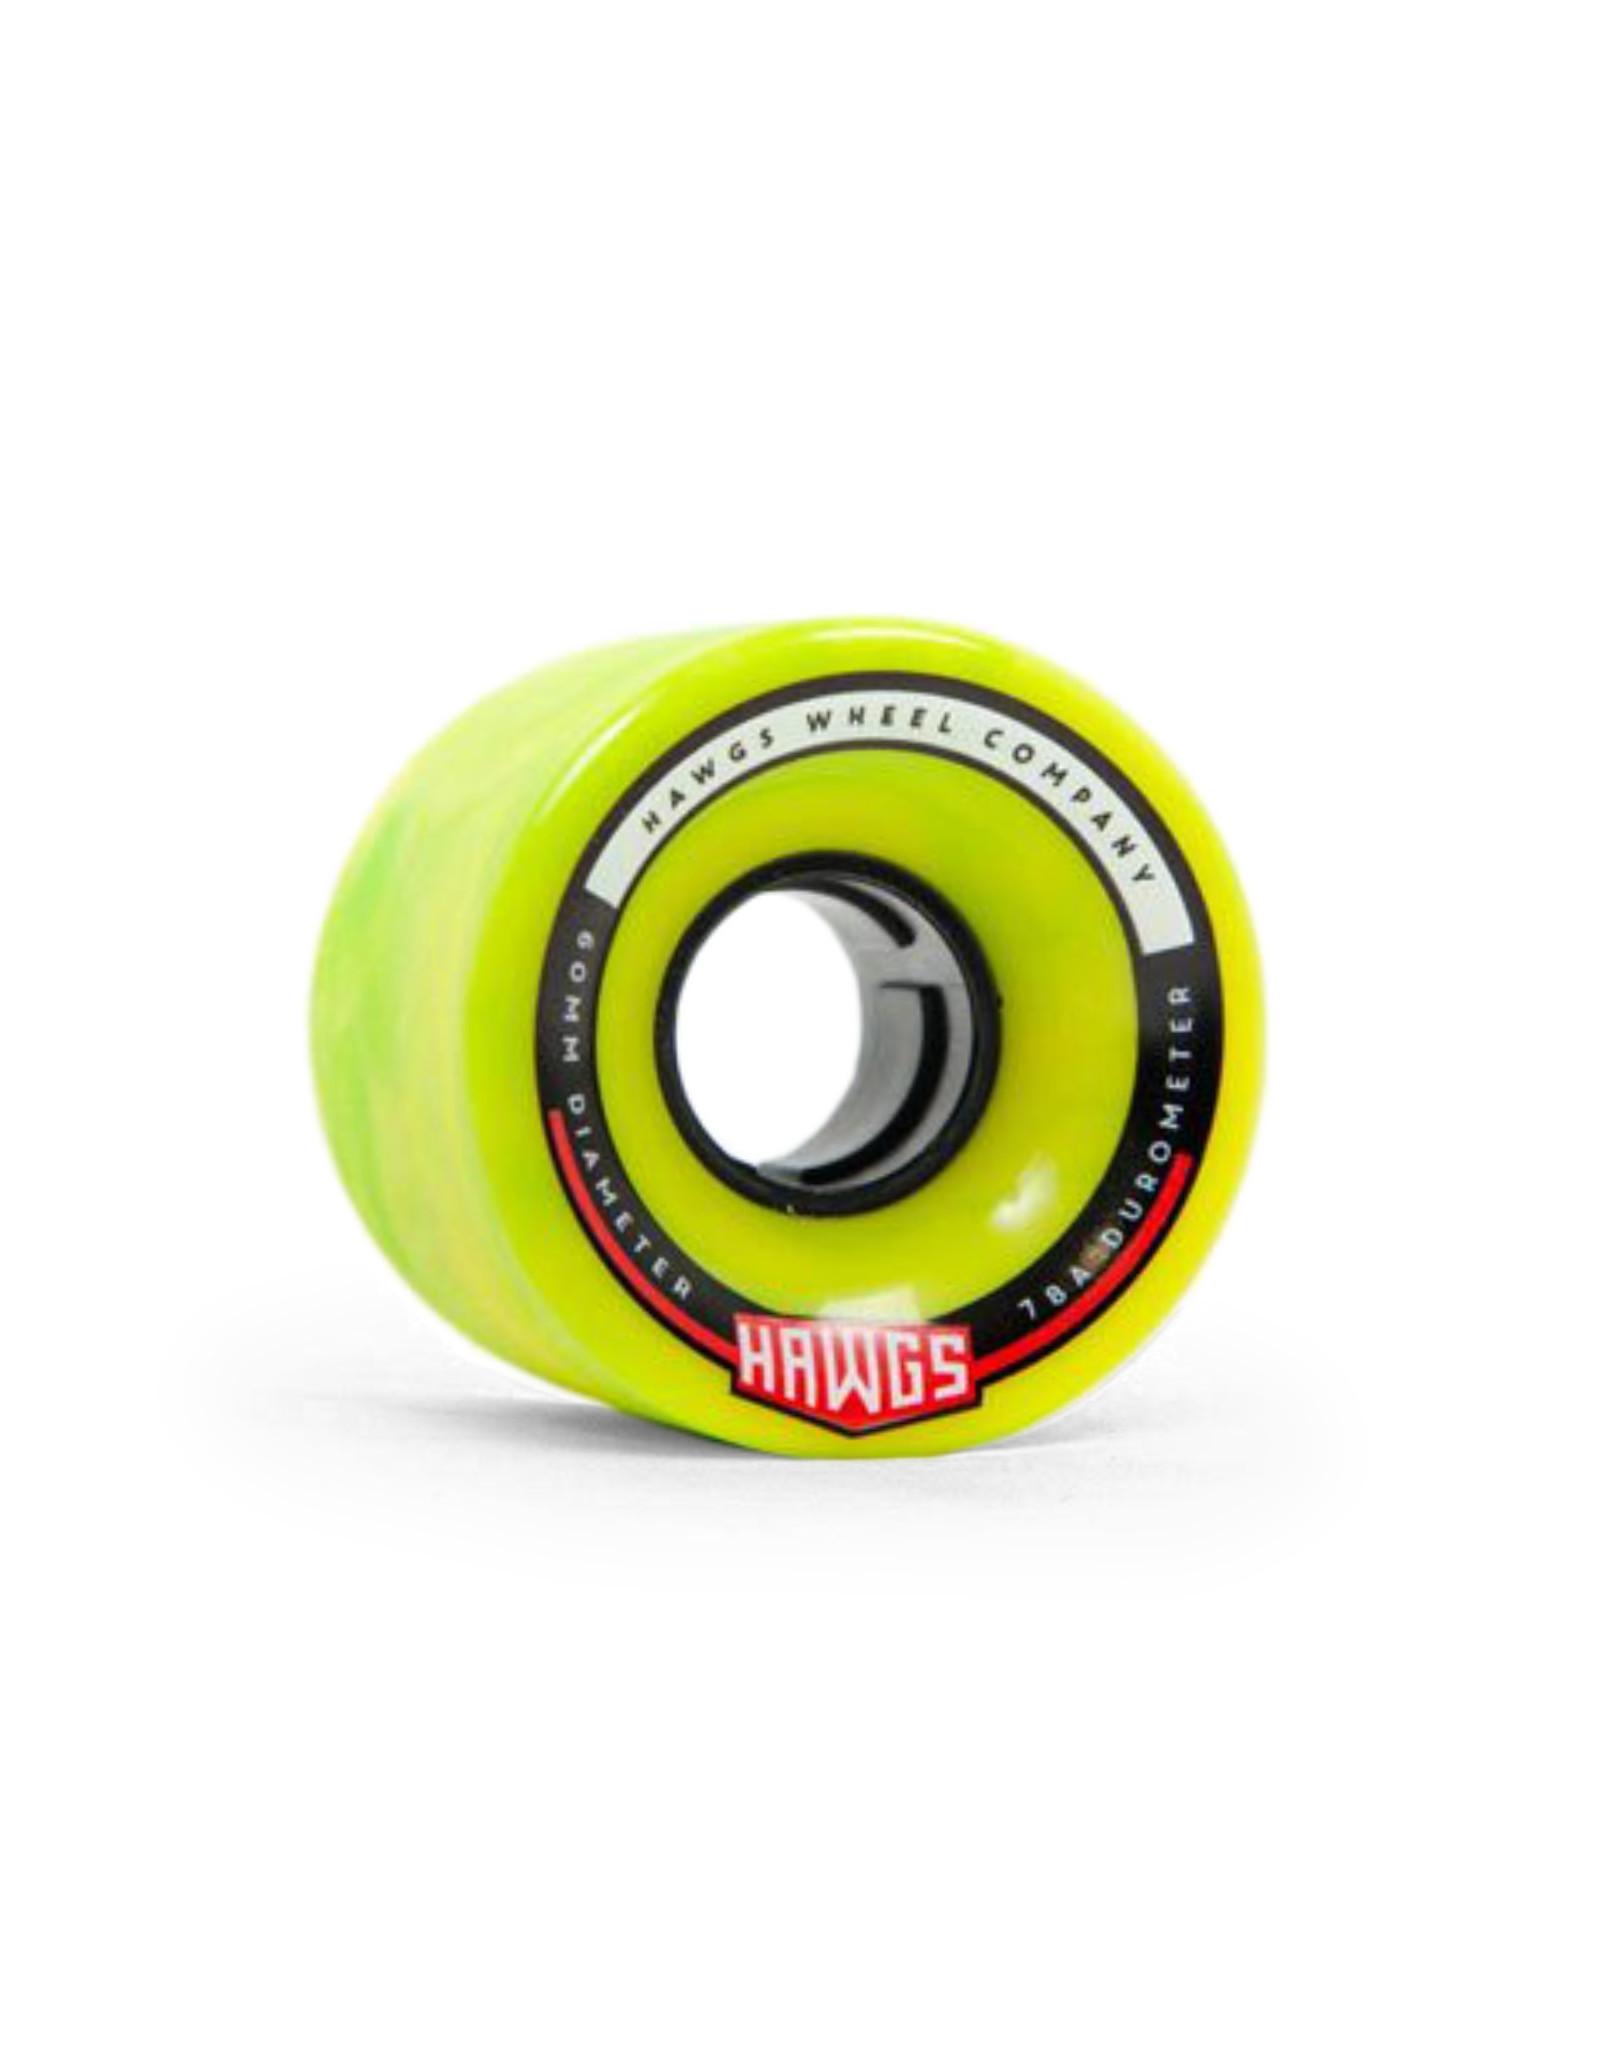 Hawgs Wheels Hawgs Chubby Wheels 60 mm 78A Green/Yellow Swirl Set of 4